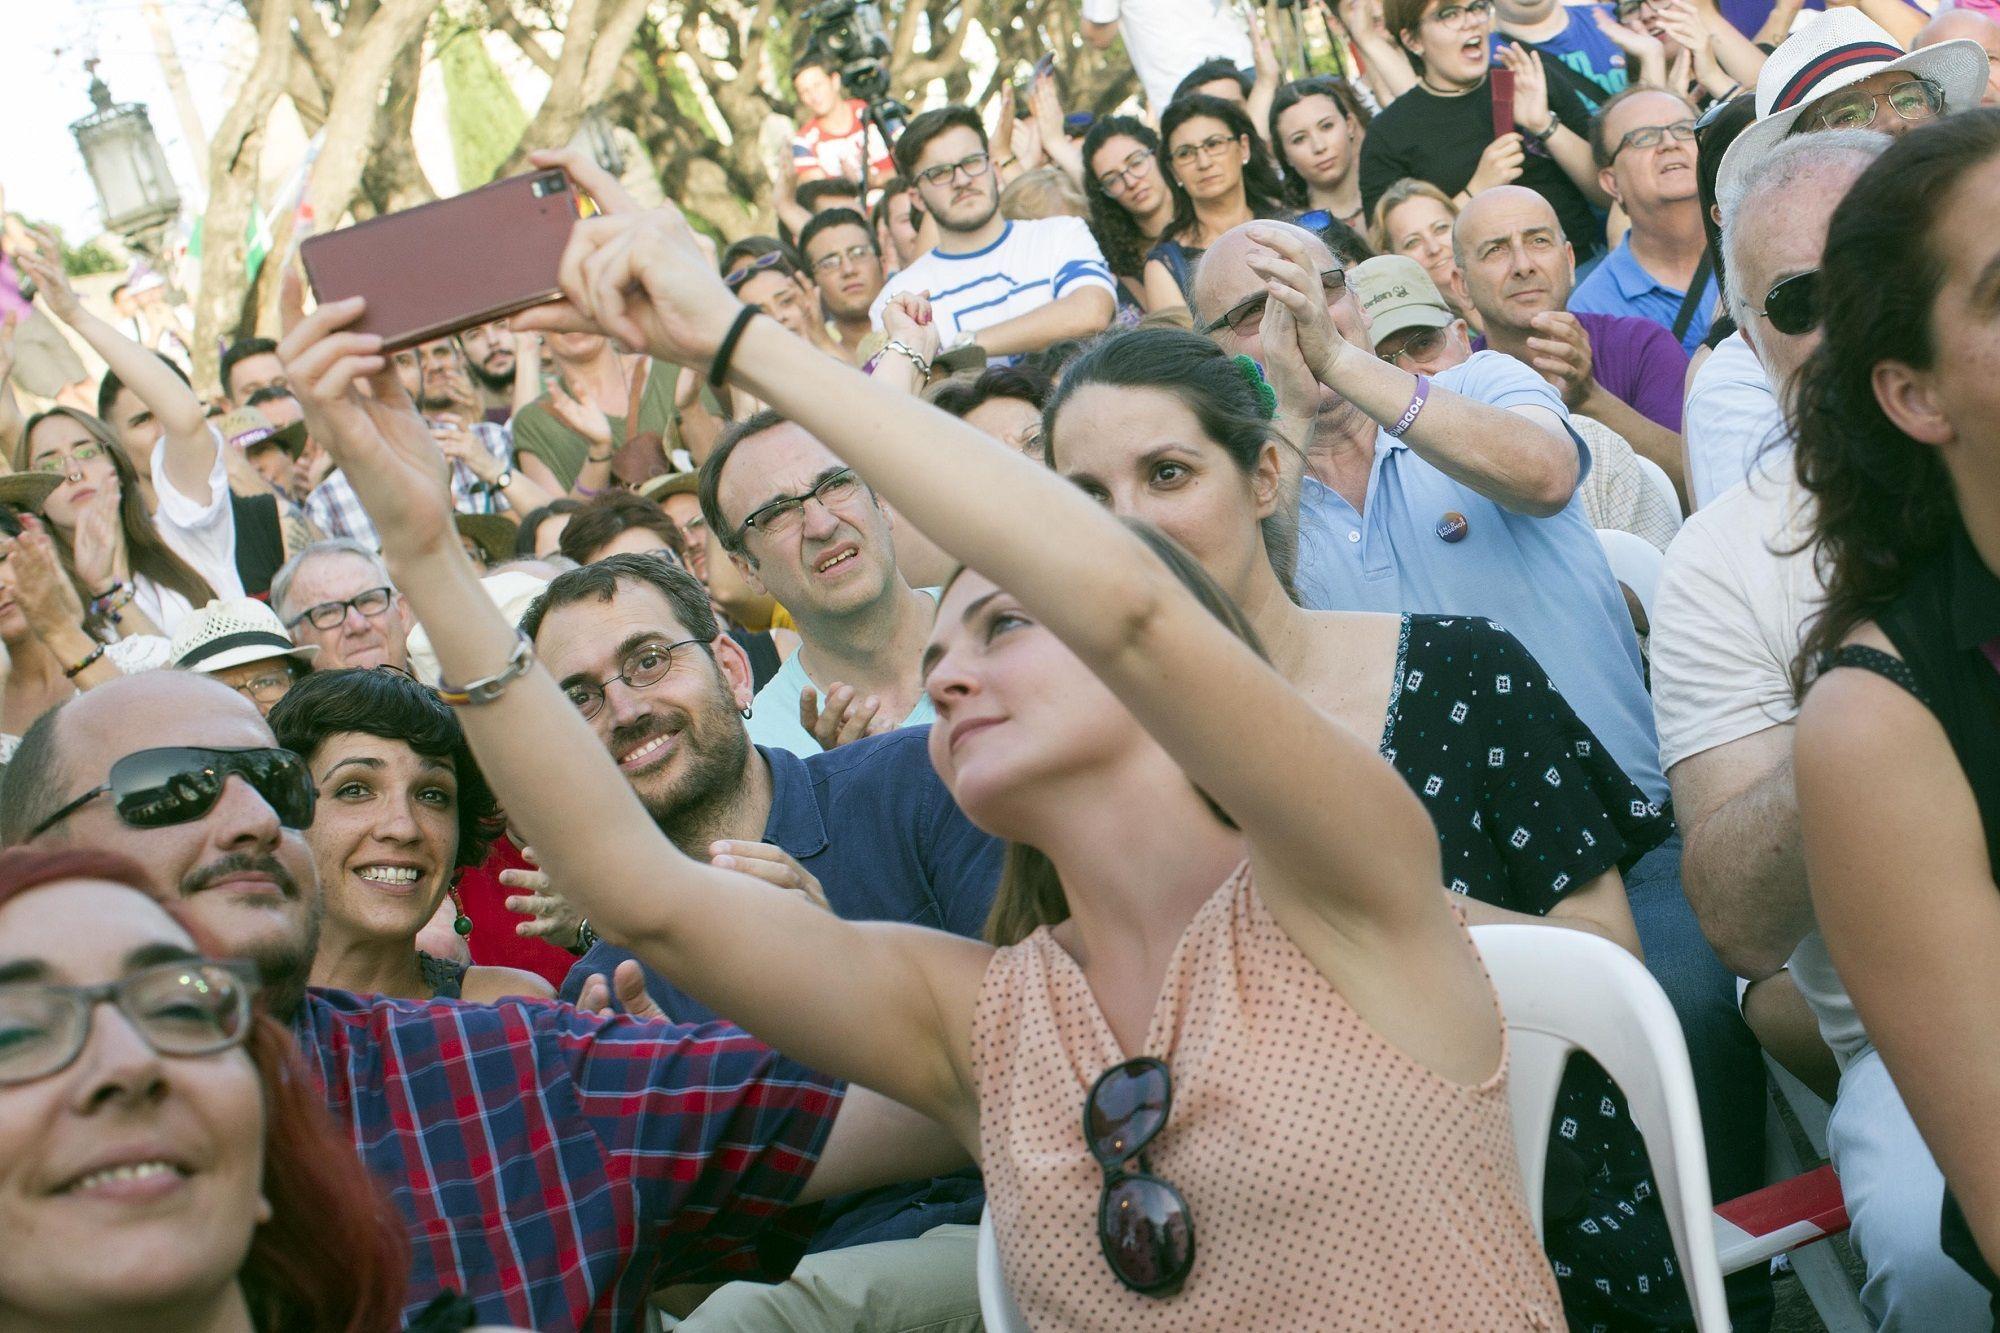 Ana Fernández, conceja de IU en el Ayuntamiento de Jerez, realizando un selfie   23 jun 2016   Juan Carlos Corchado para MIRA Jerez